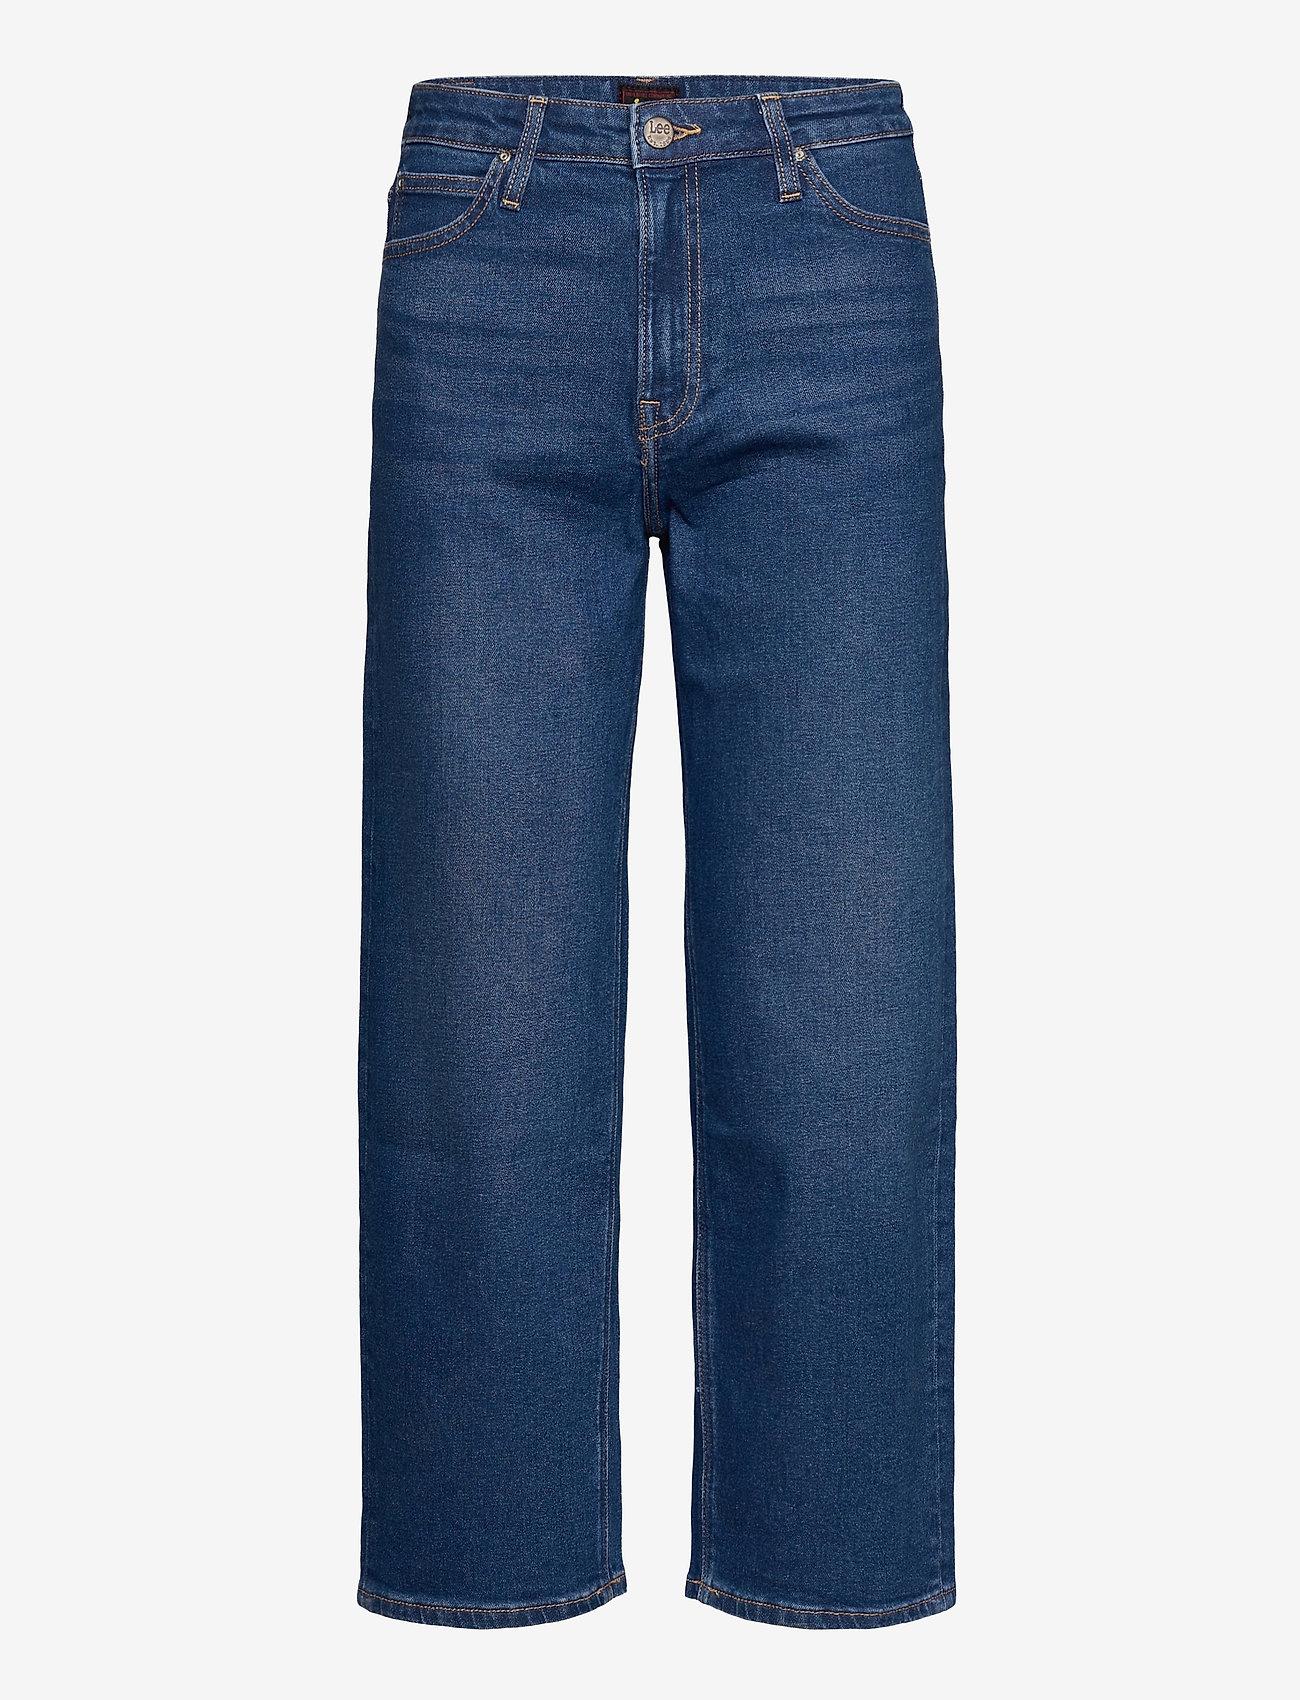 Lee Jeans - Wide Leg - dark dora - 0